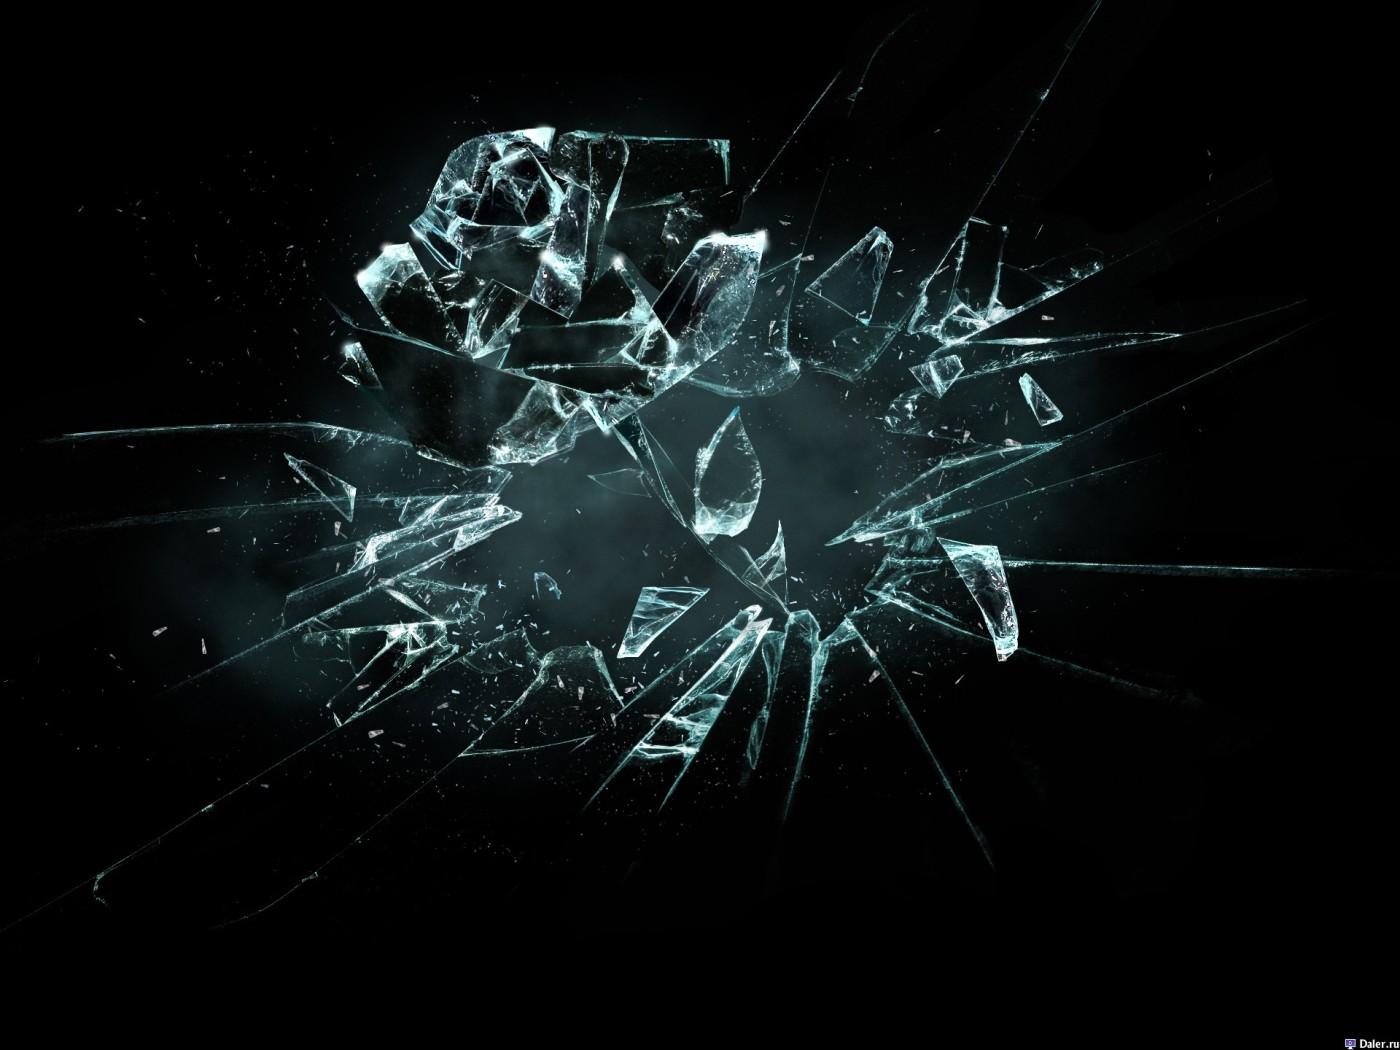 razbitoe-steklo-v-forme-rozyi-11936